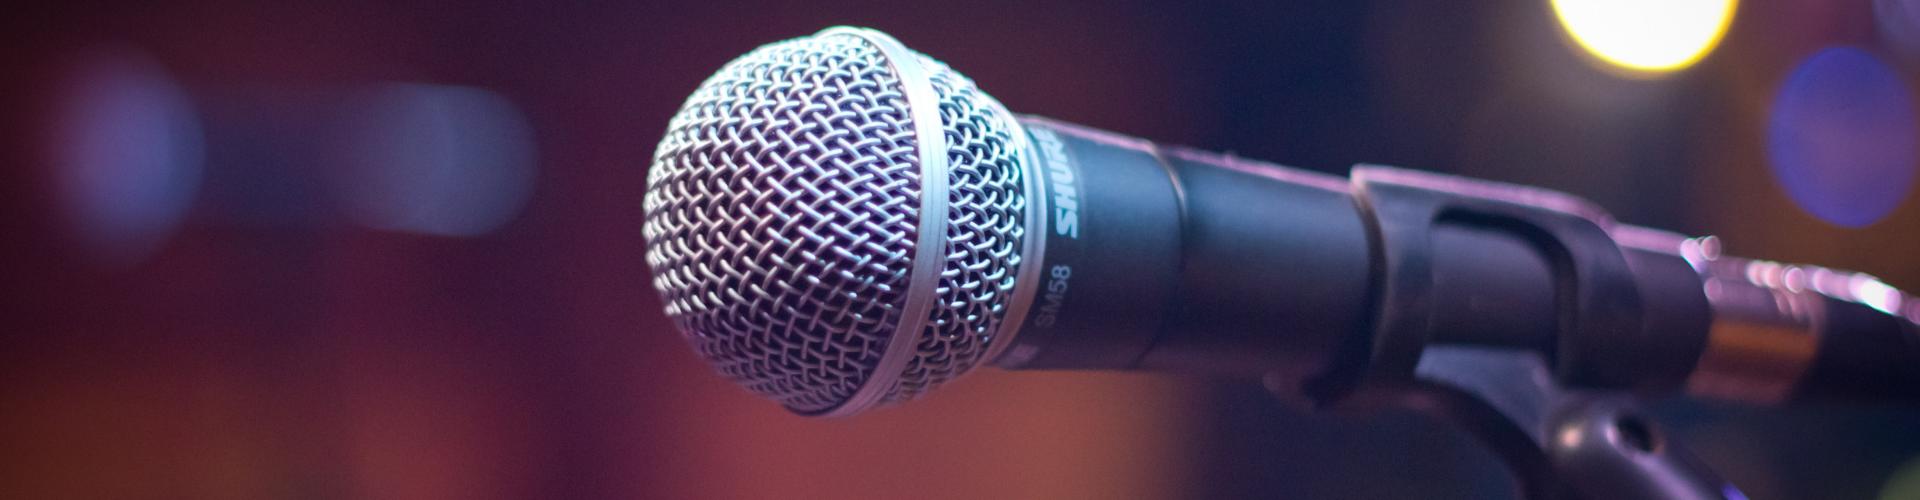 Marketing conversazionale: cos'è e quali vantaggi può portare